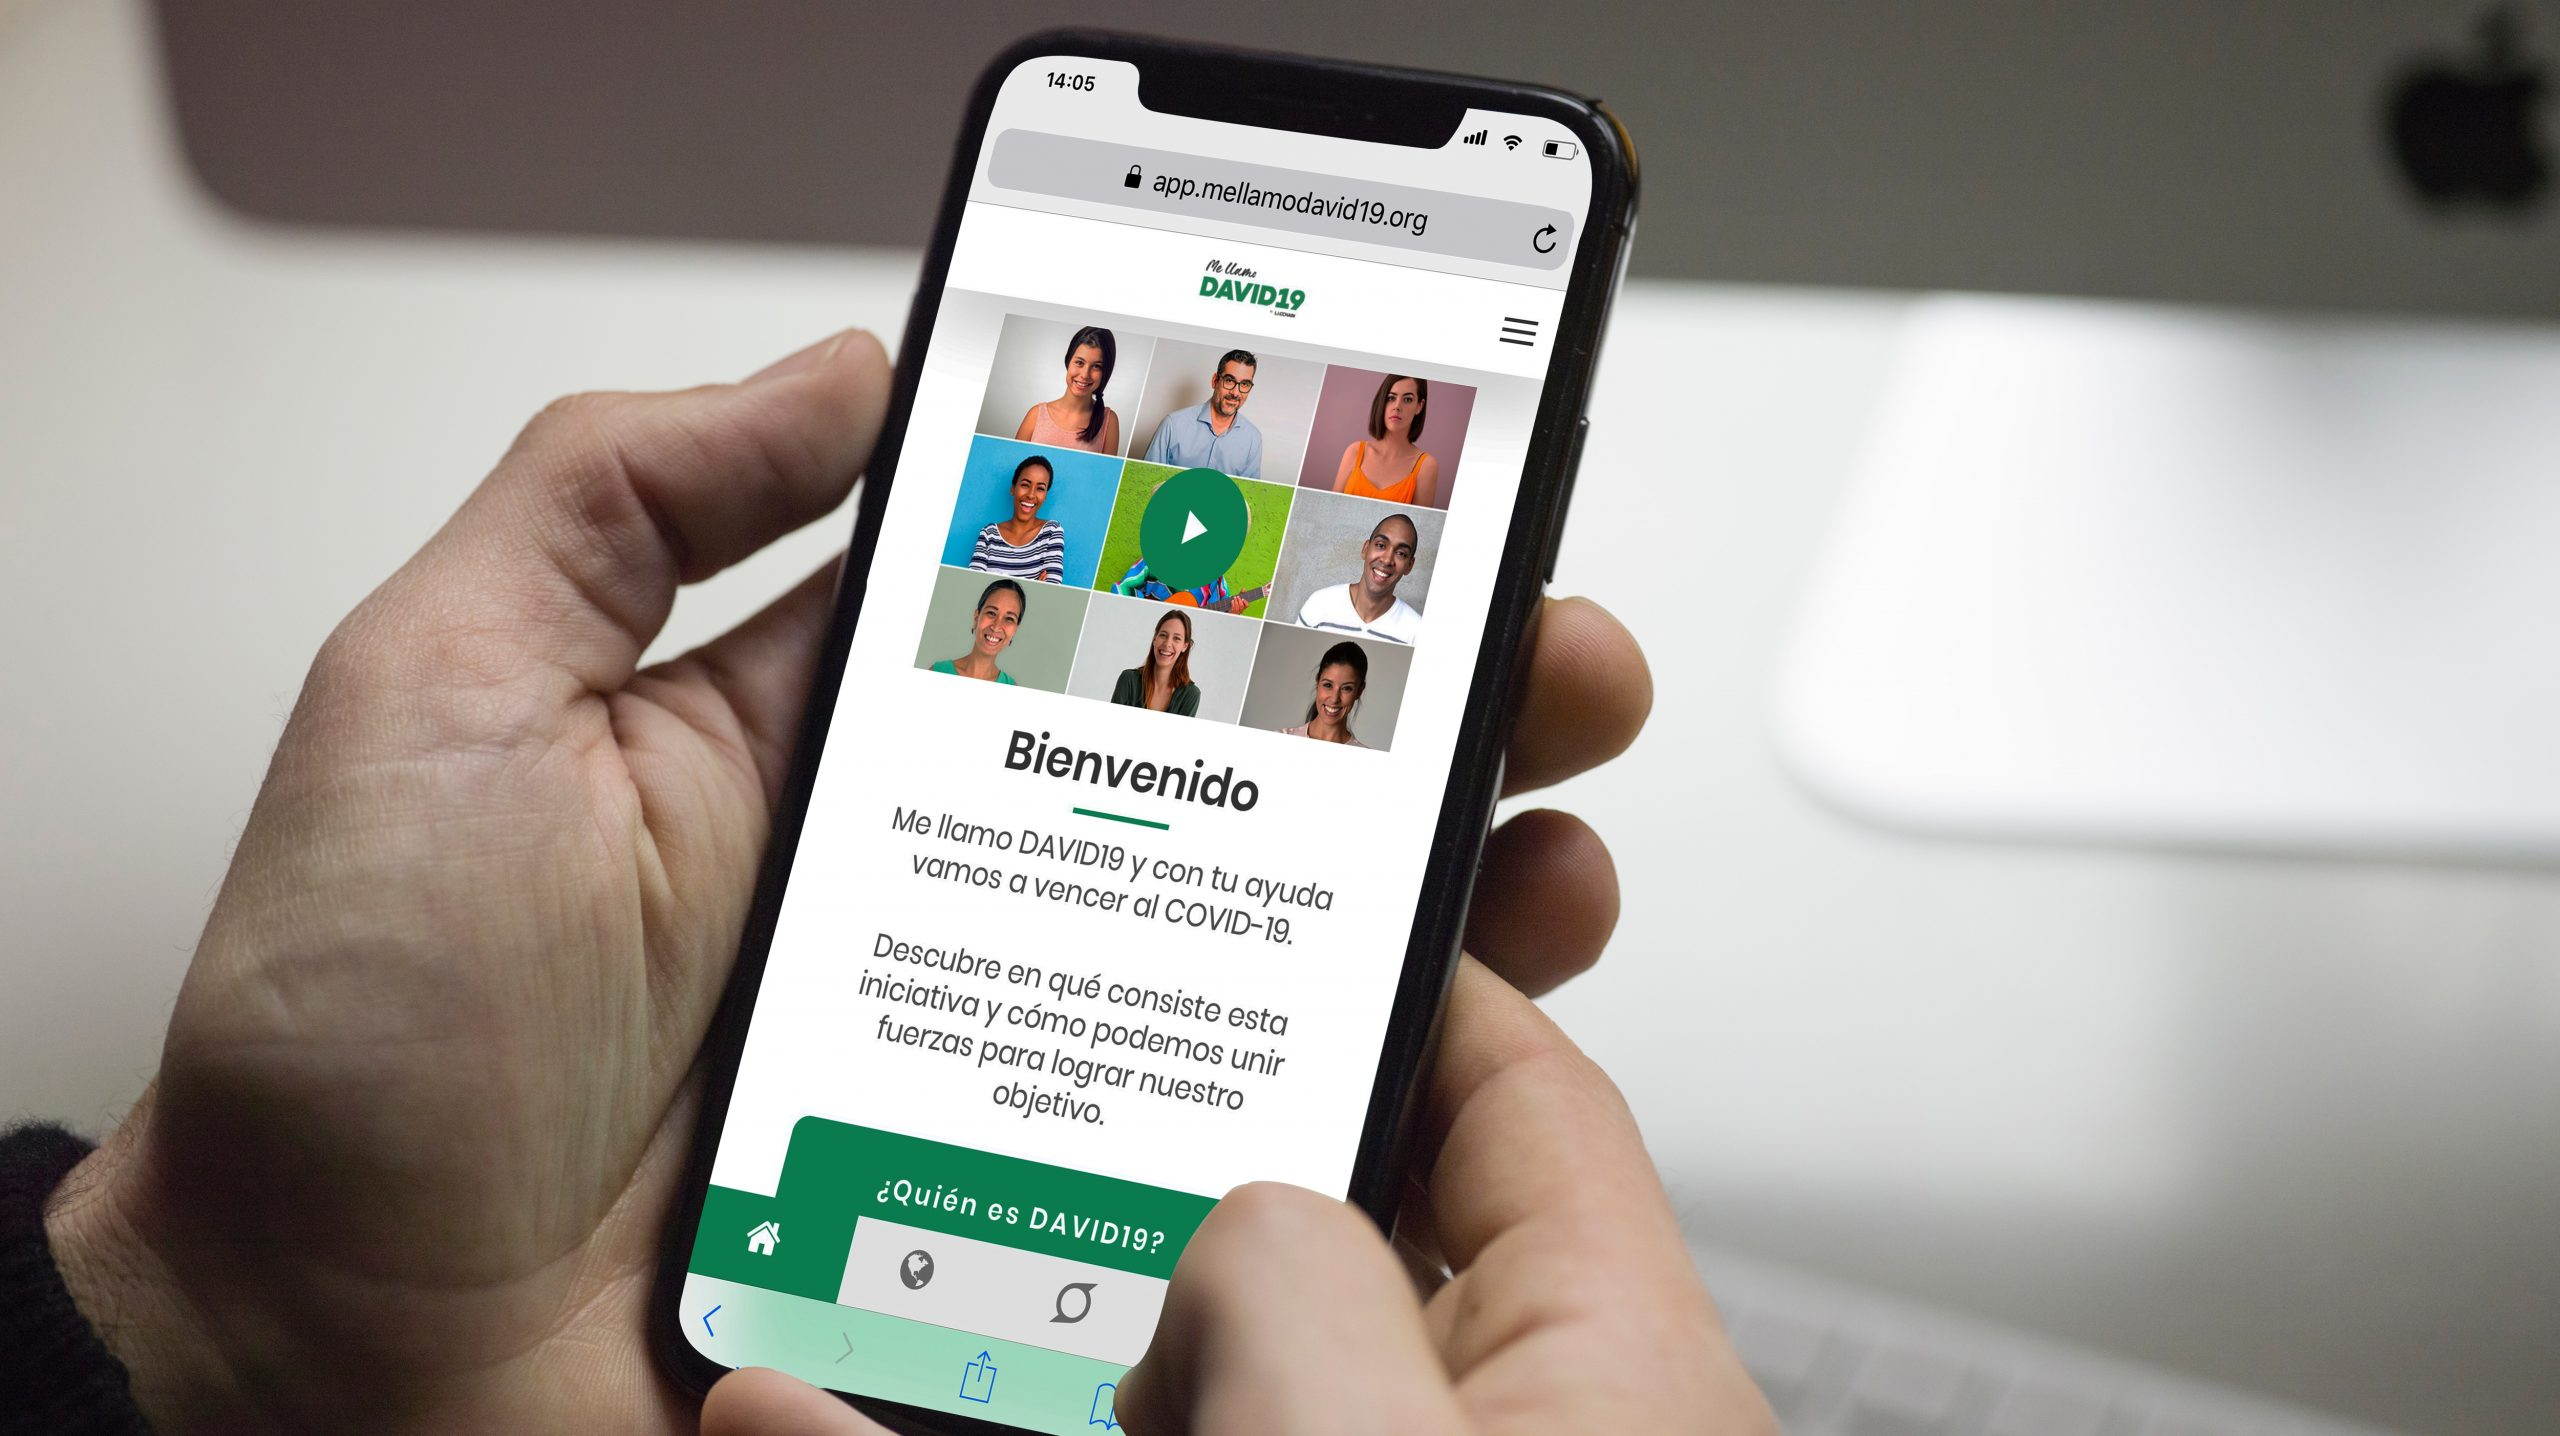 IMAGEN RADIO | David 19, la aplicación para combatir el coronavirus en América Latina